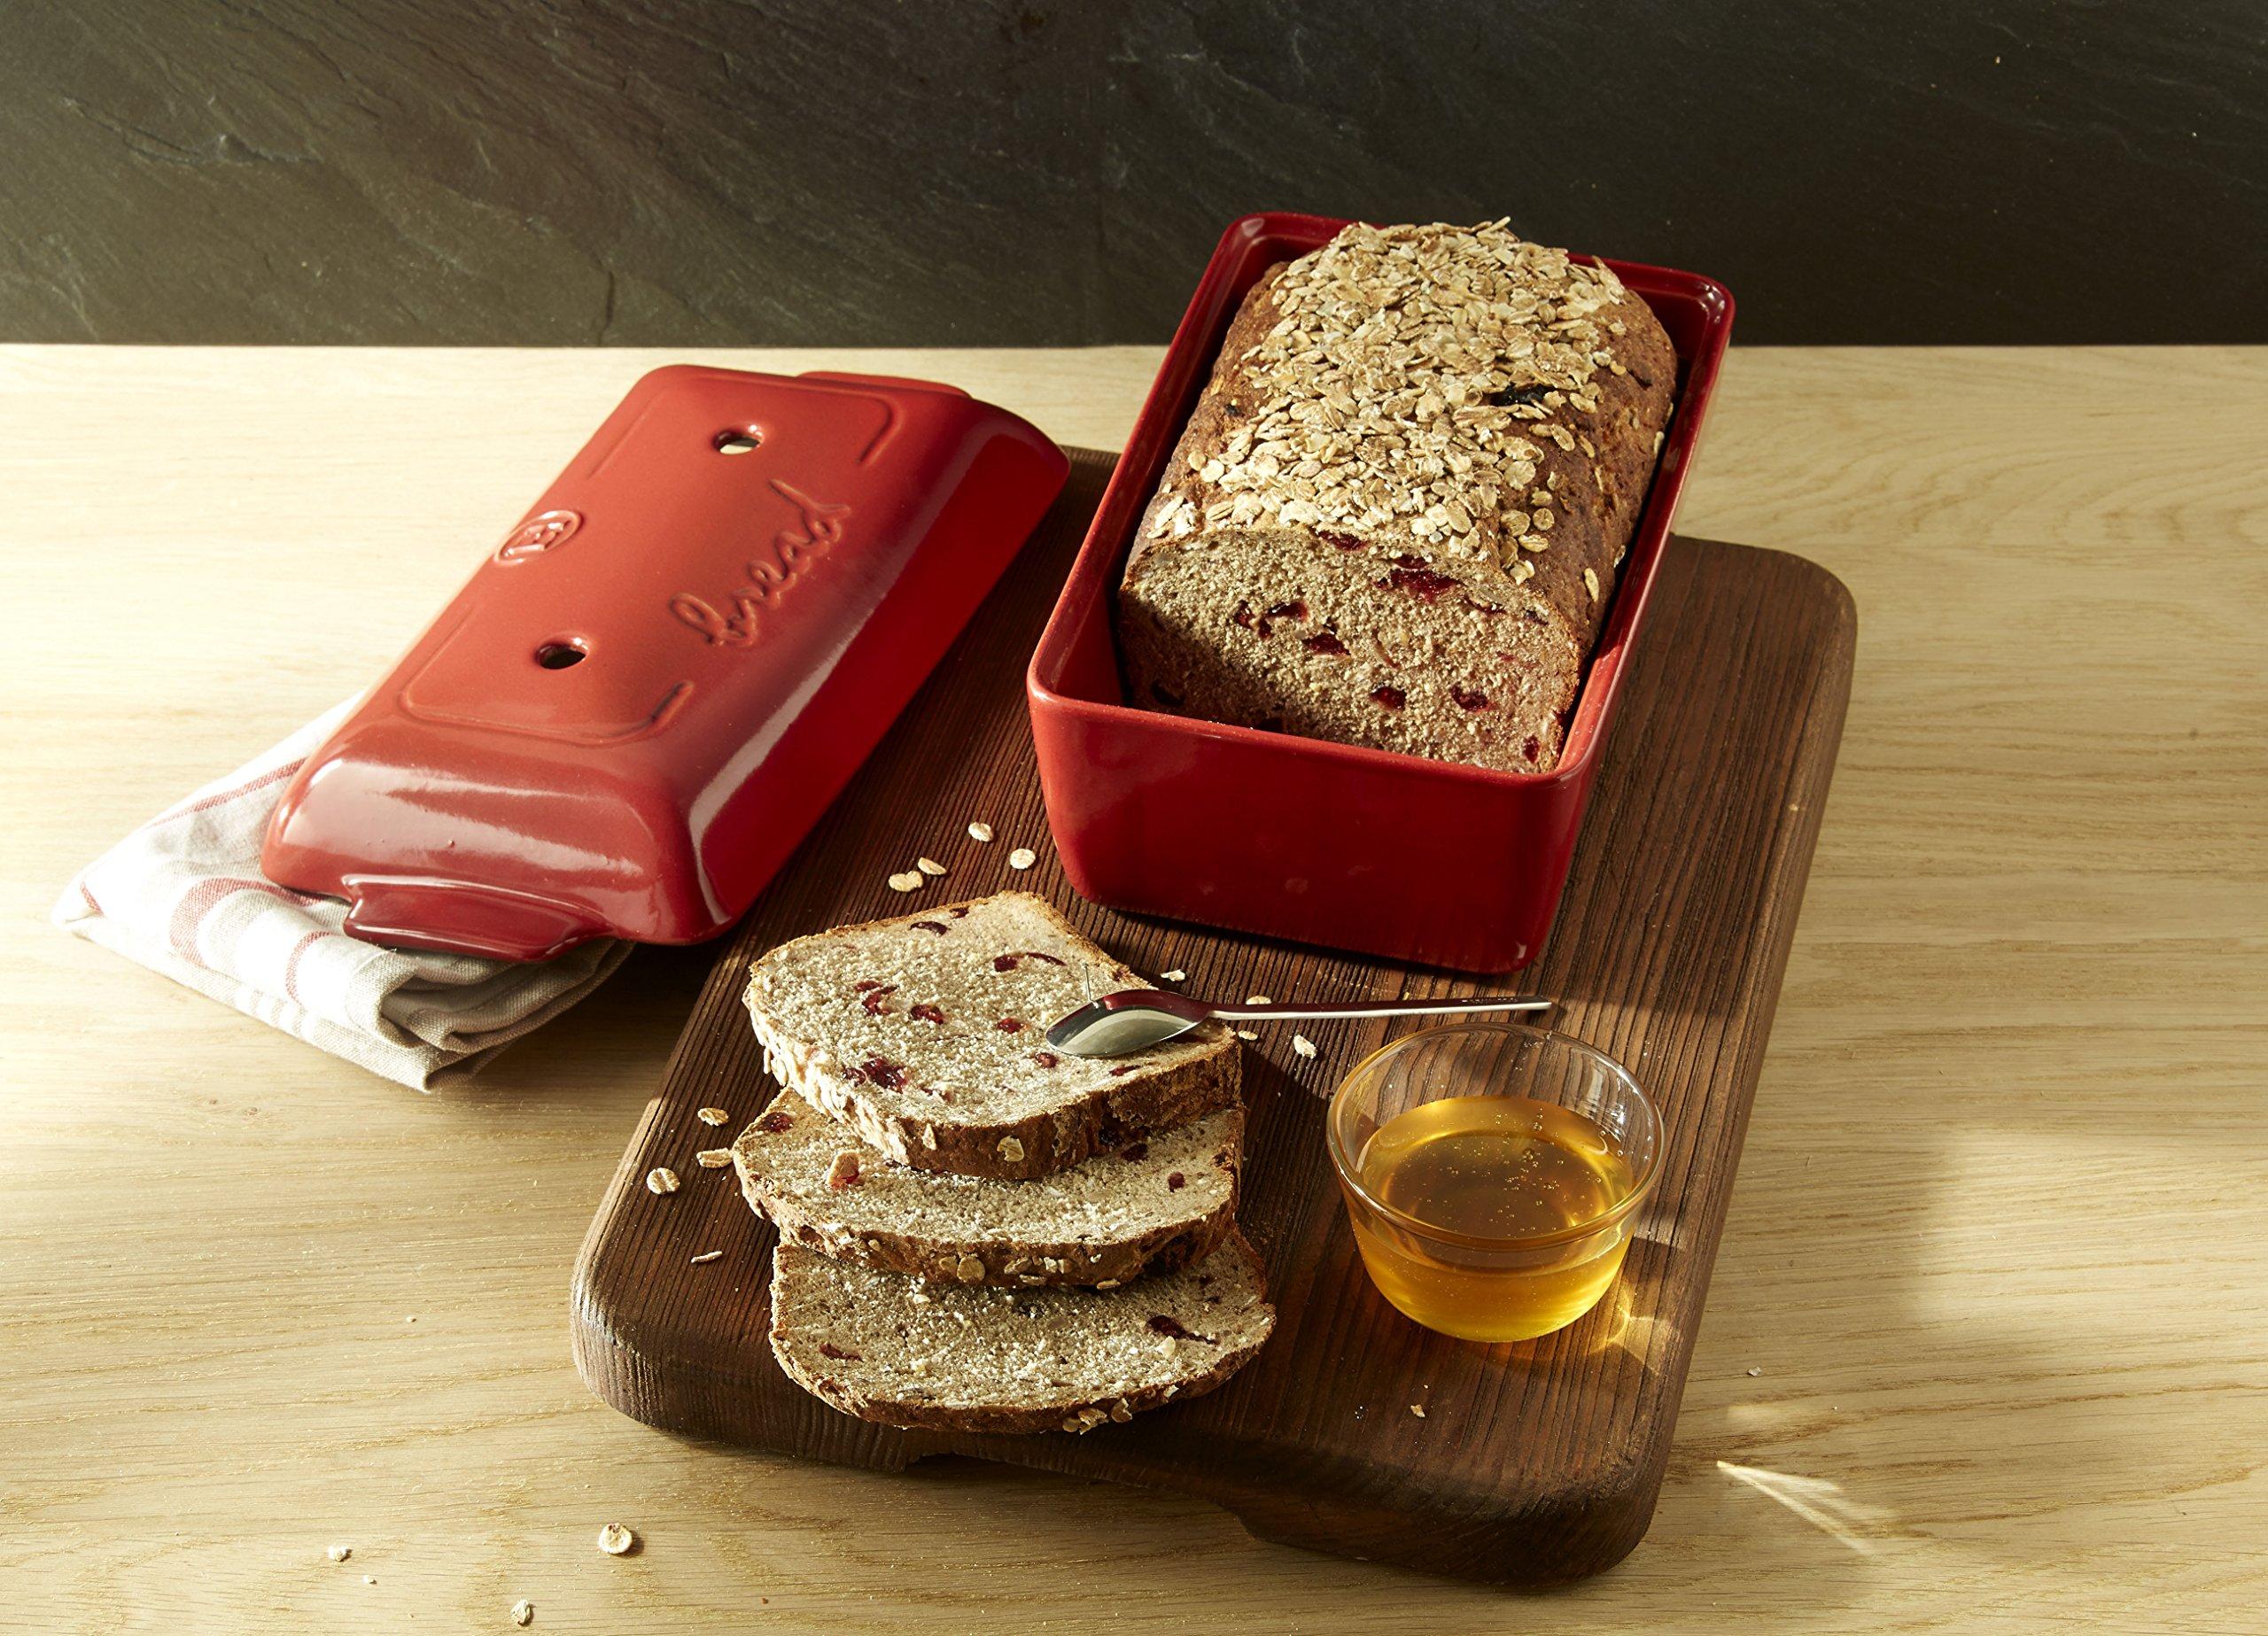 Emile Henry Bread Loaf Baker, Ceramic, Charcoal, 24x15x12.5 cm by Emile Henry (Image #5)